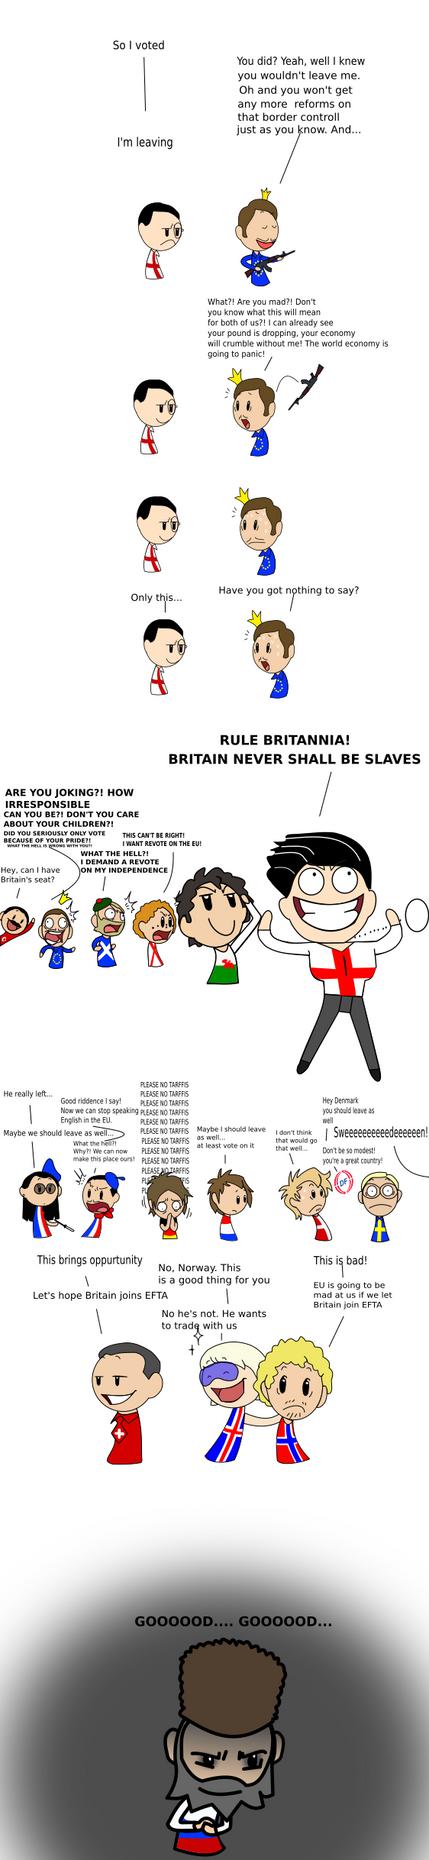 Brexit SATW fan-comic by NorwaySwedenDenmark